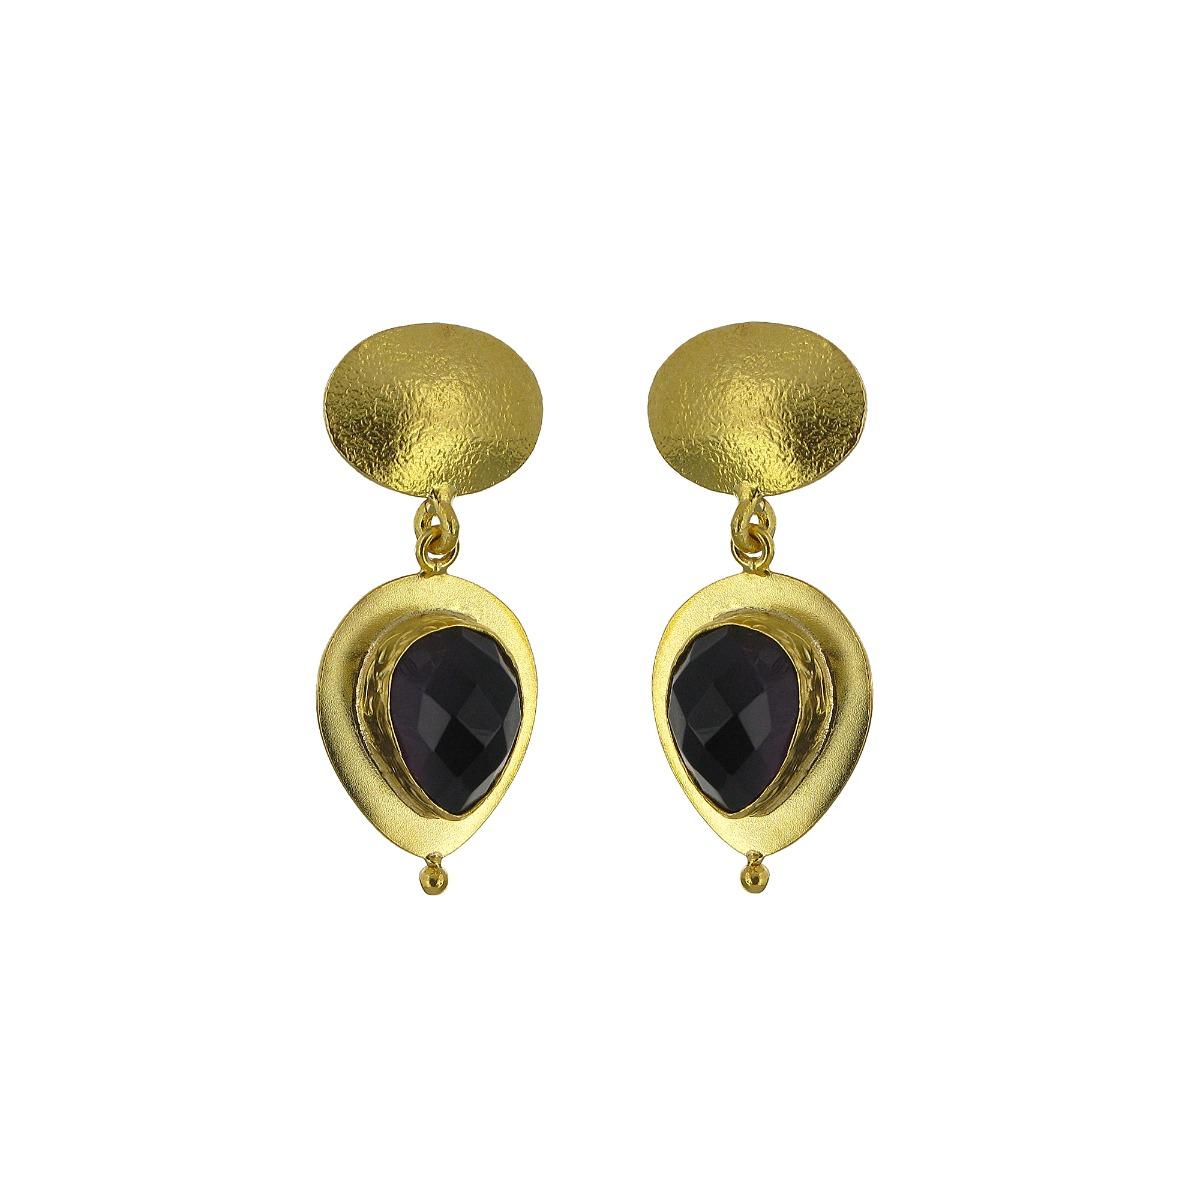 Amethyst teardrop earrings